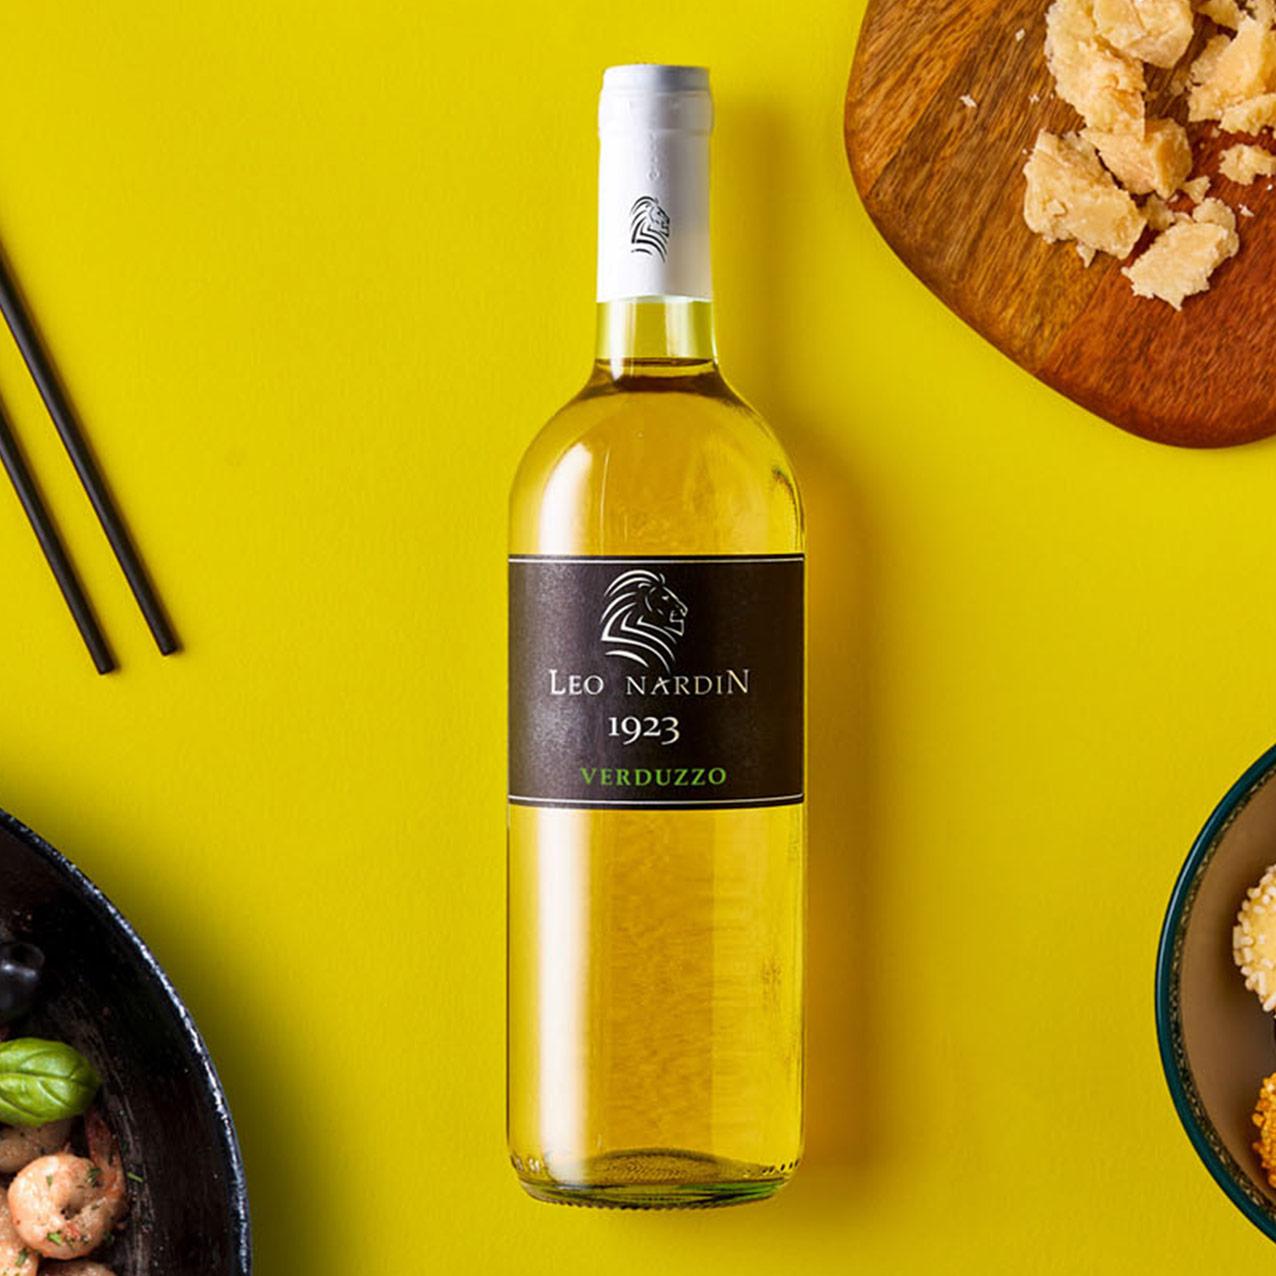 Leo Nardin - Vini bianchi